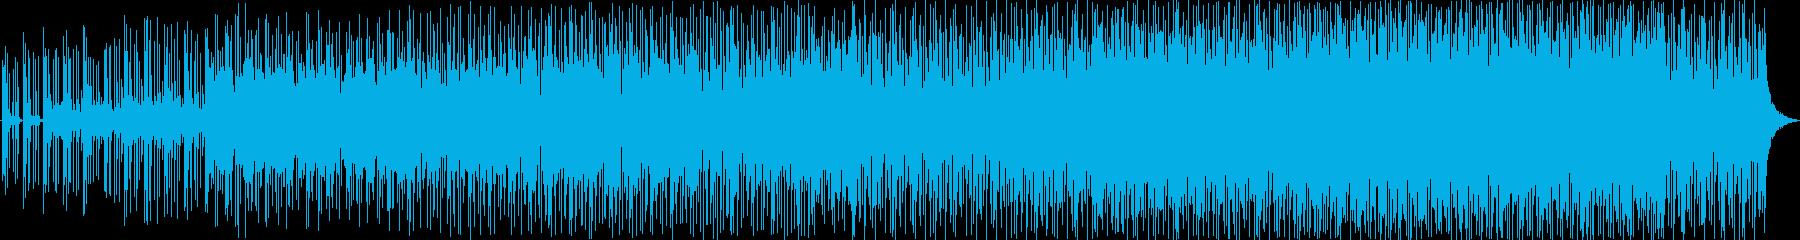 イージーリスニング サスペンス 静...の再生済みの波形